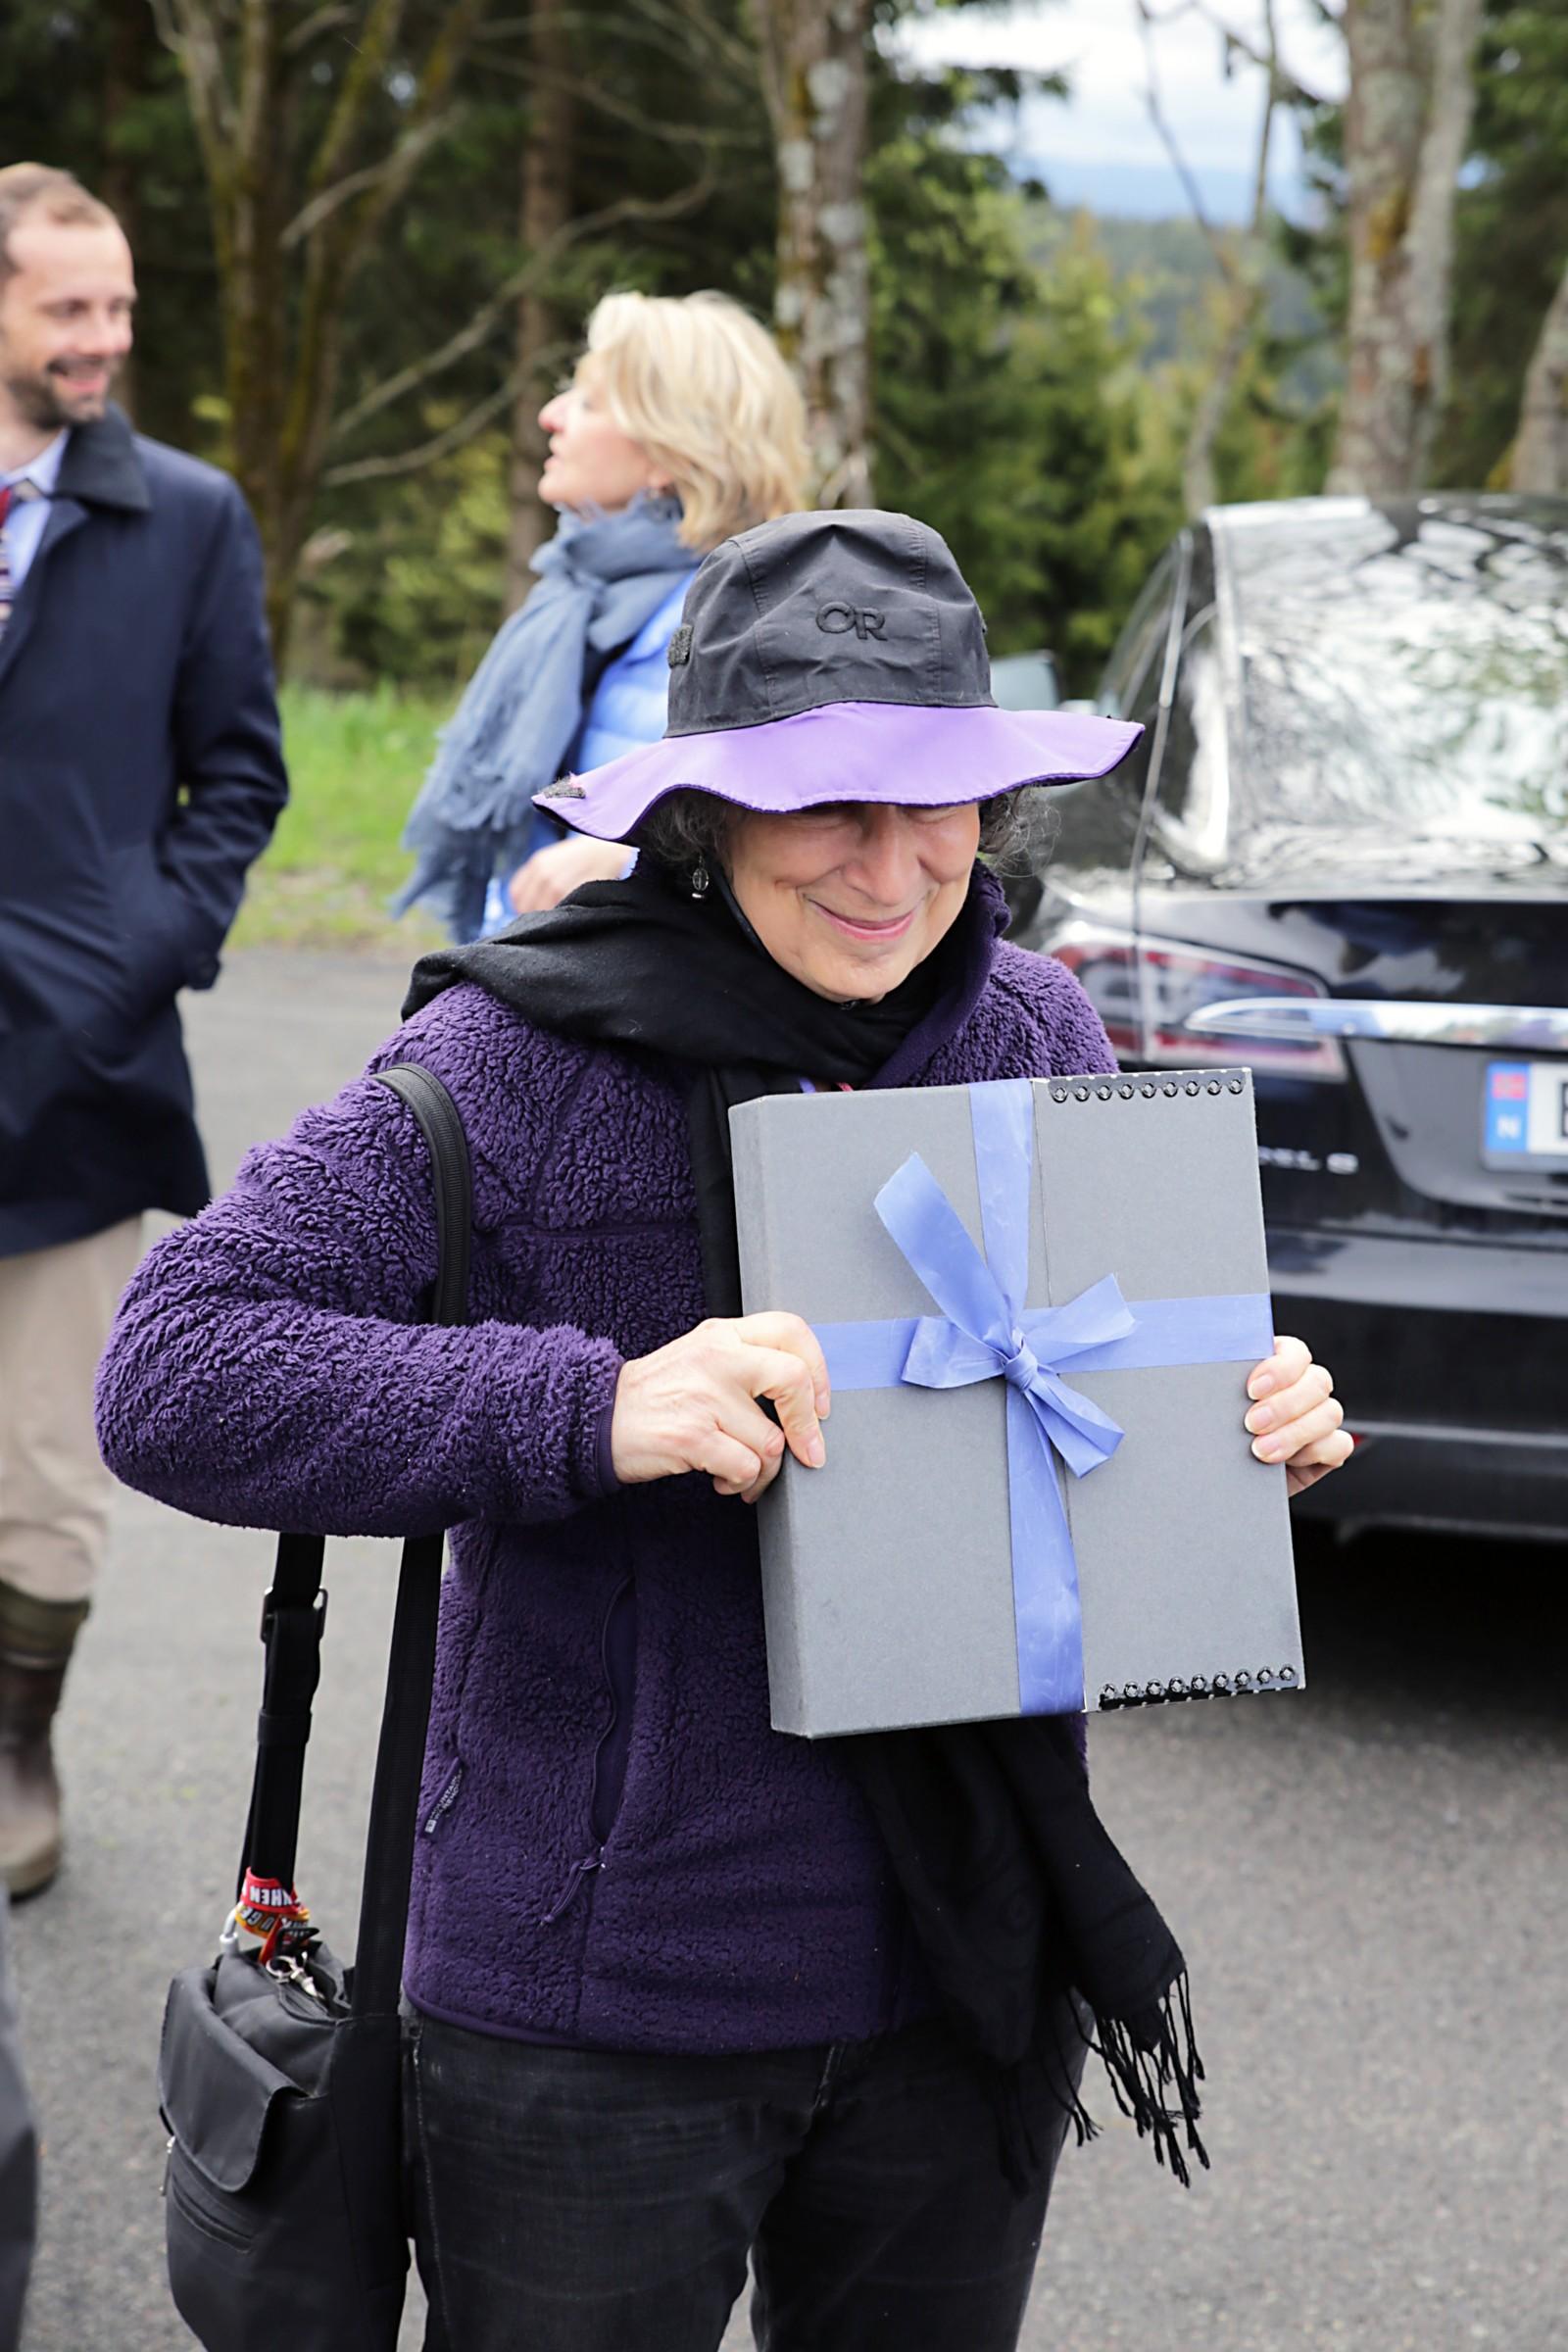 Det var en svært hemmelighetsfull Margaret Atwood som gikk ut av bilen på parkeringsplassen i Nordmarka med manuset forseglet, men pent innpakket som en gave.